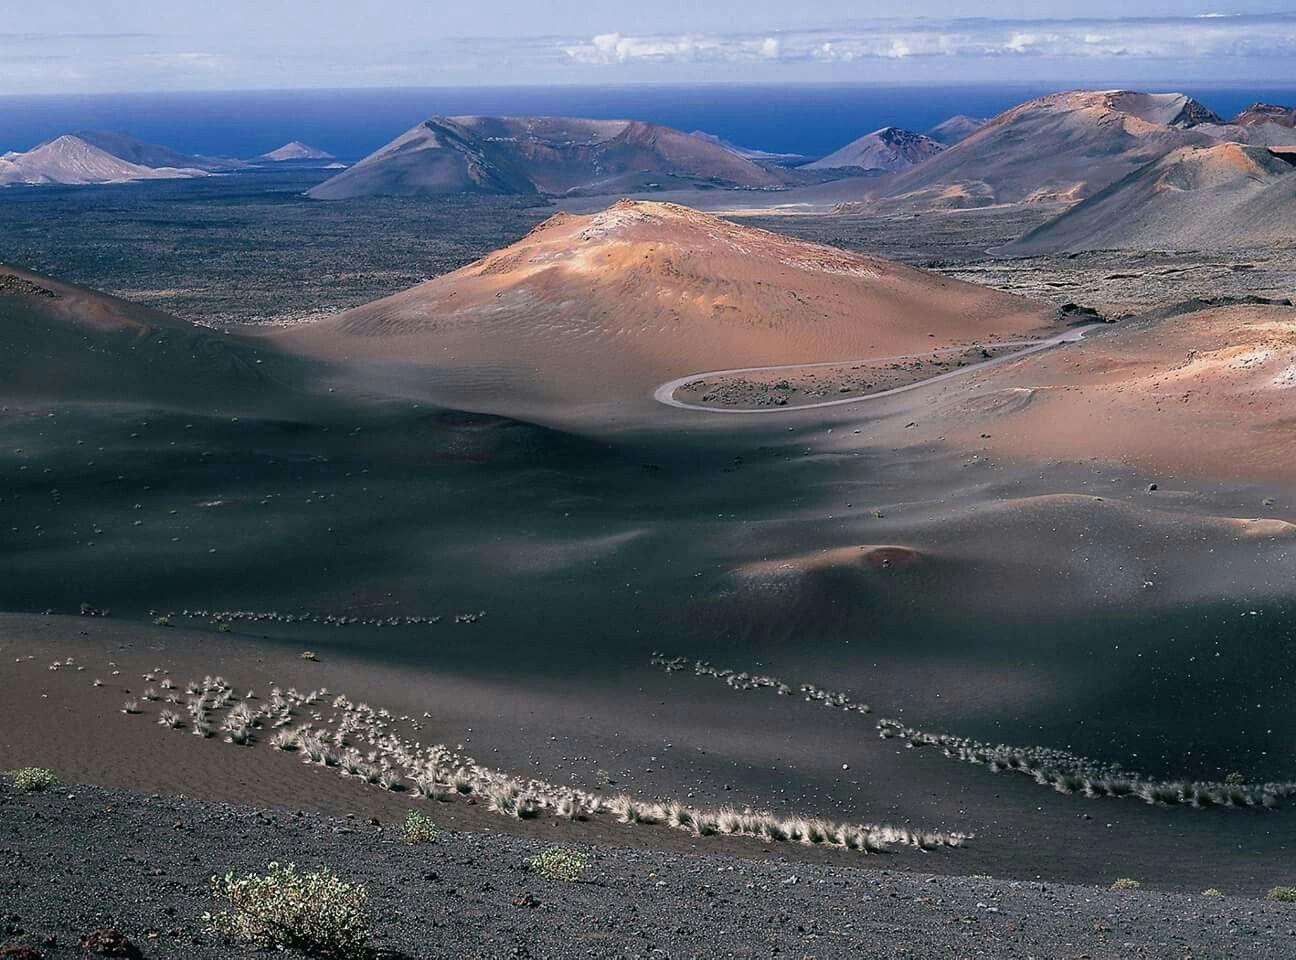 Parque De Timanfaya Montañas De Fuego Lanzarote Islas Canarias España Islas Canarias Islas Paisajes De España